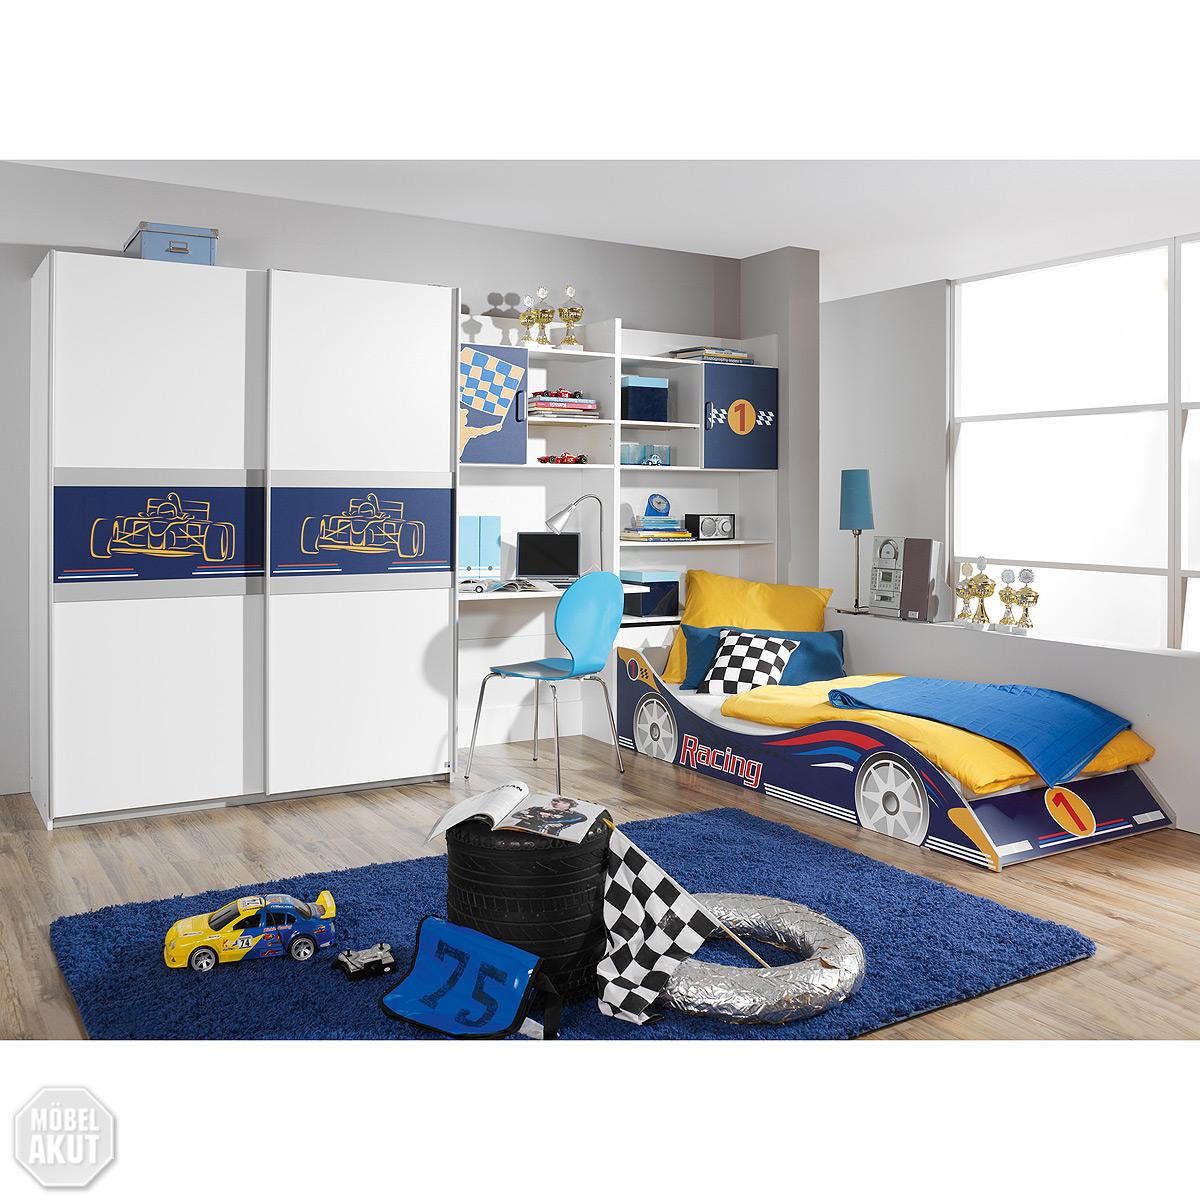 4 tlg kinderzimmer set racing jugendzimmer schrank bett in wei blau neu ebay. Black Bedroom Furniture Sets. Home Design Ideas